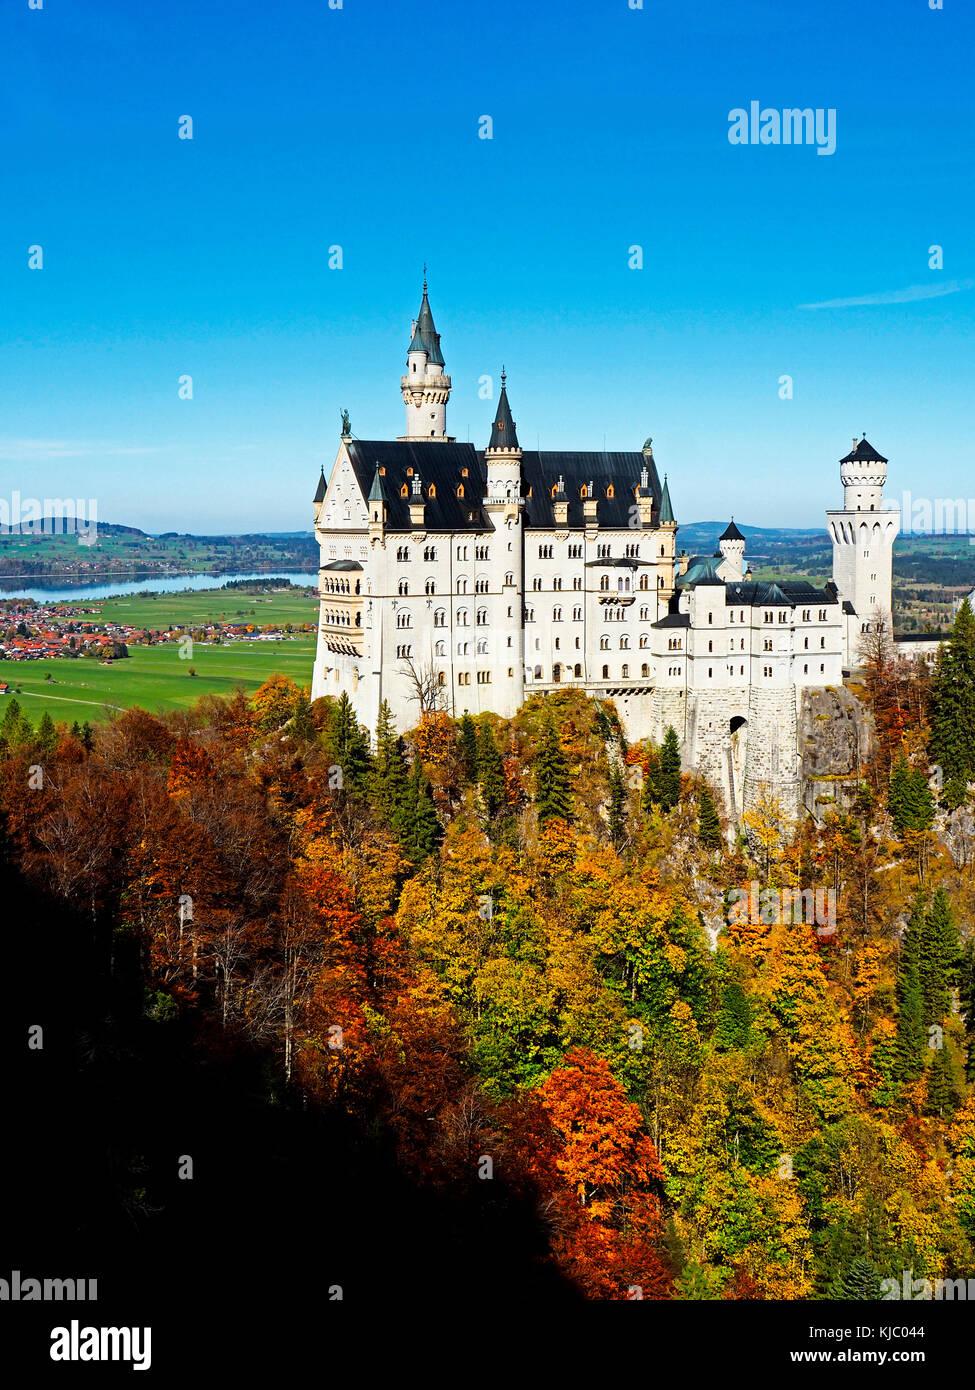 Der verrückte König Ludwigs Schloss Neuschwanstein in Bayern, Deutschland. Stockbild